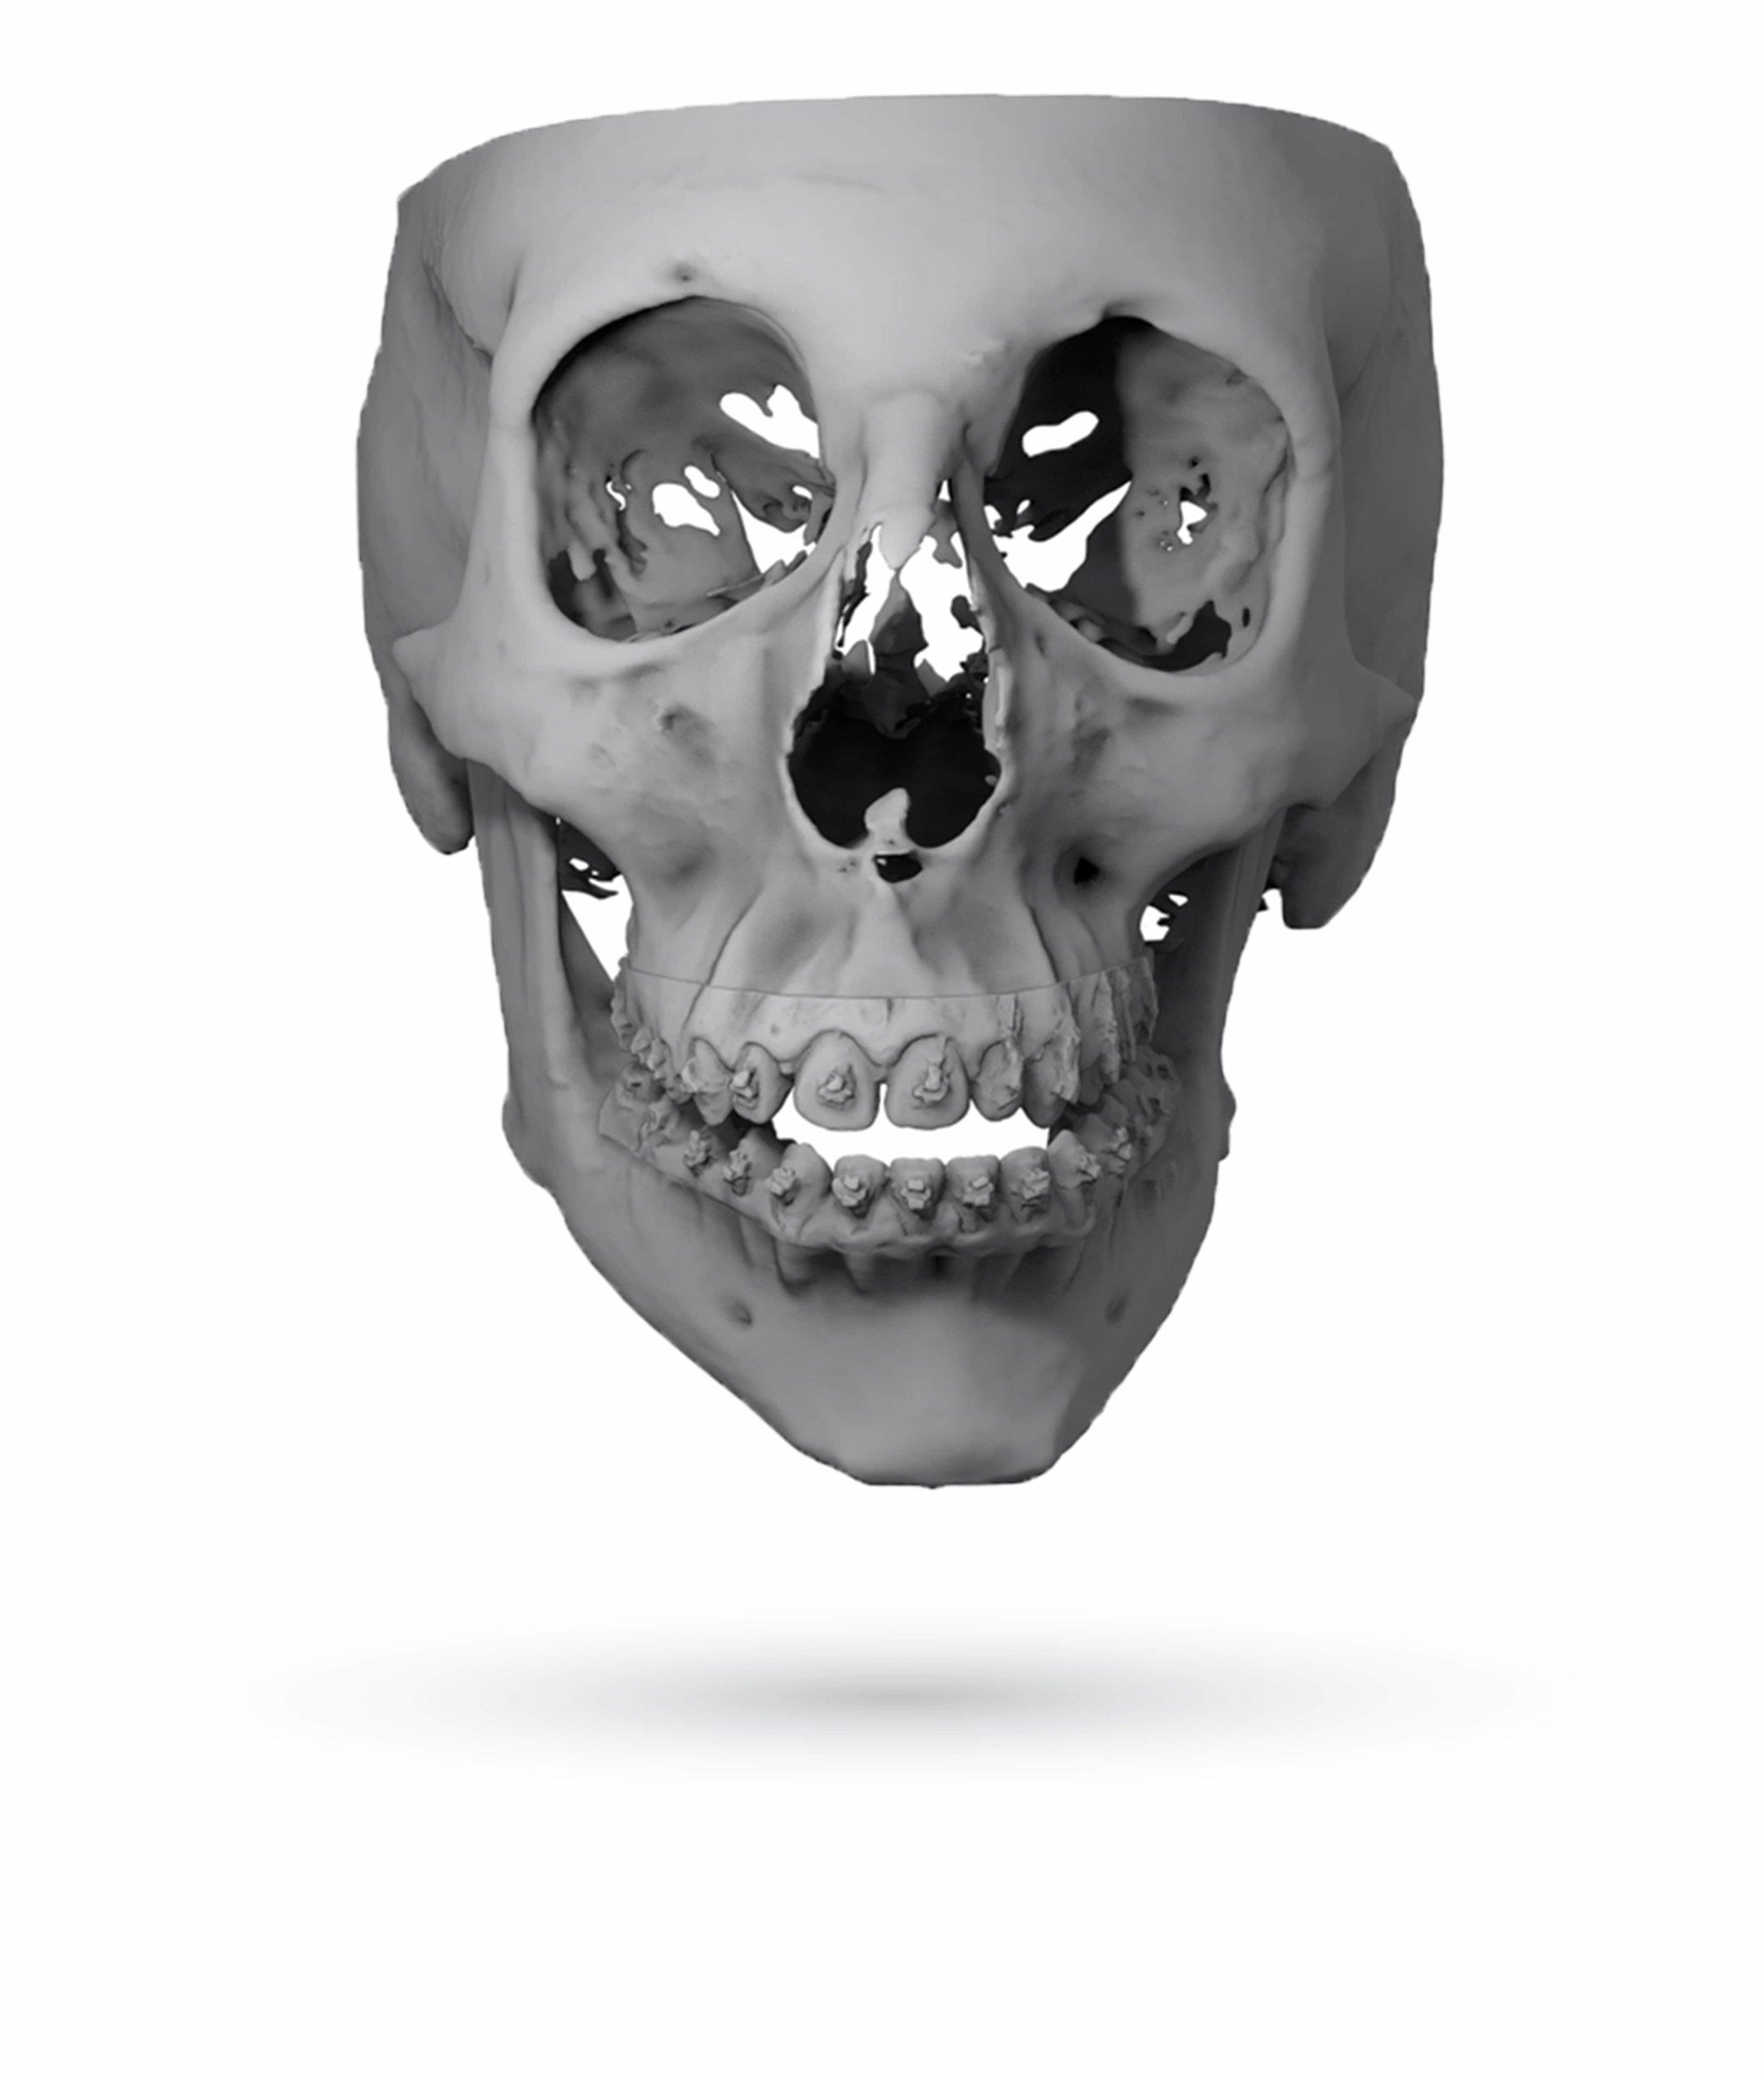 Orthognathic Skull Image by ImmersiveTouch IVSP